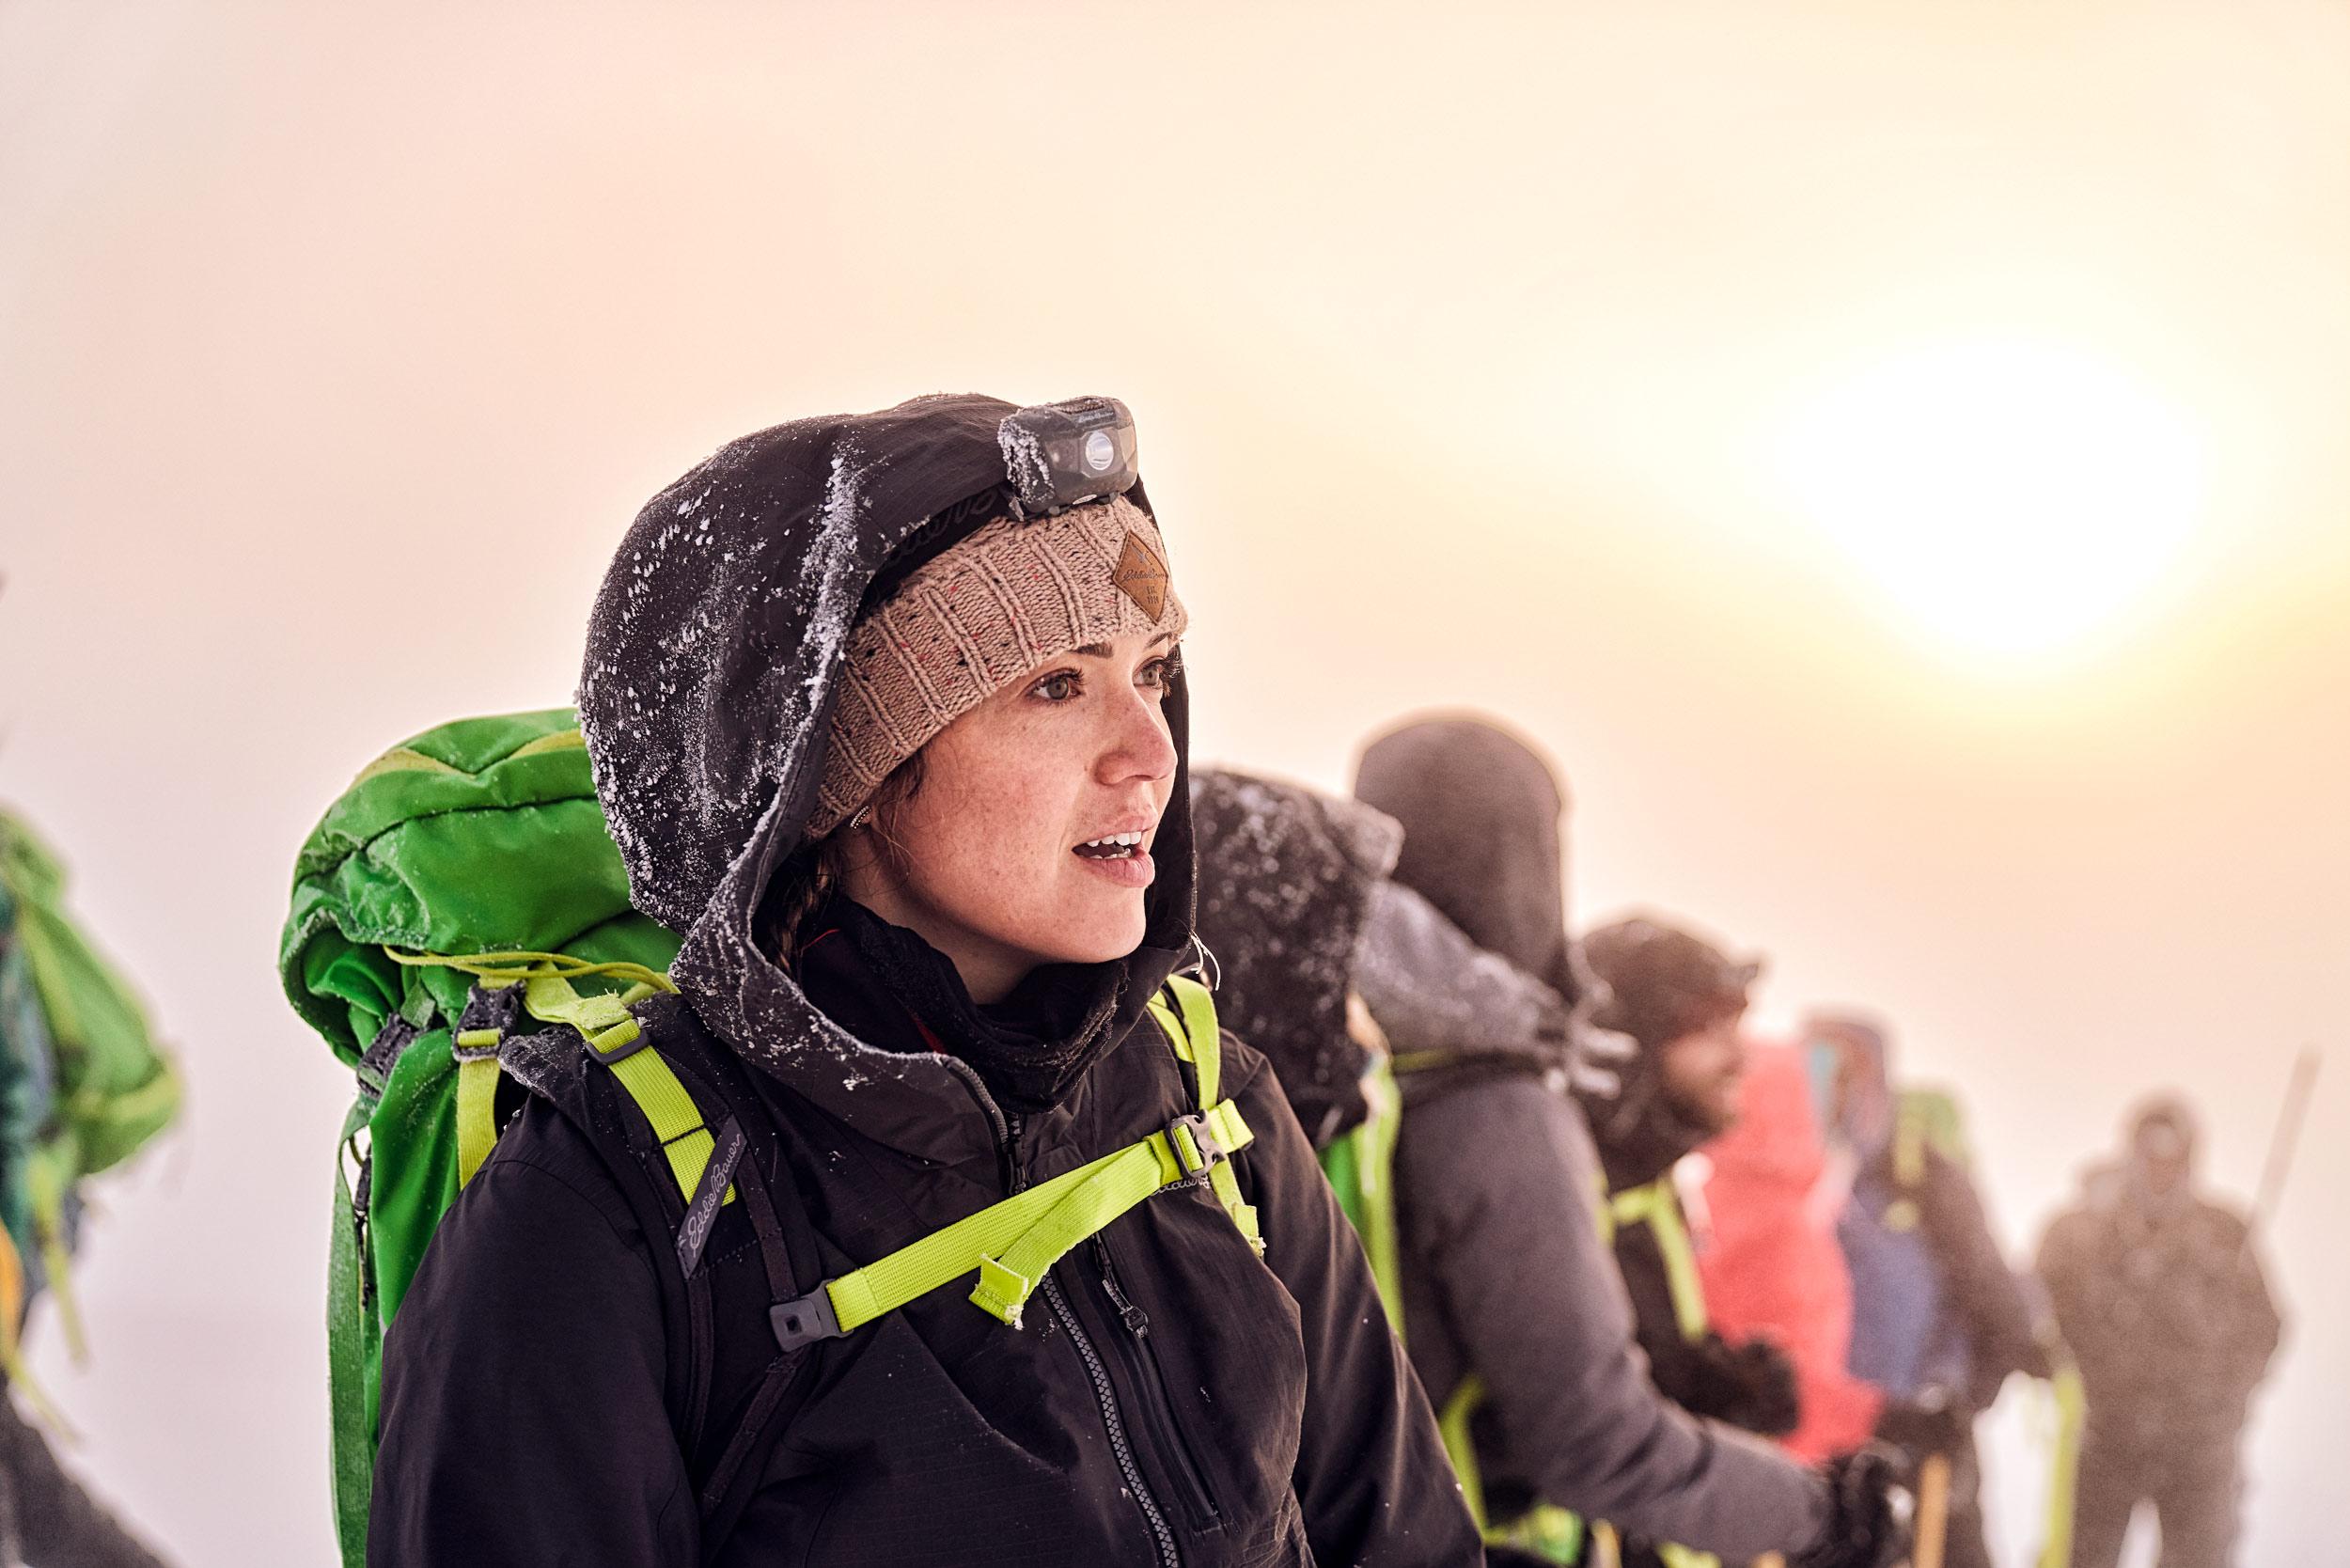 032818-EB_Kilimanjaro_0319